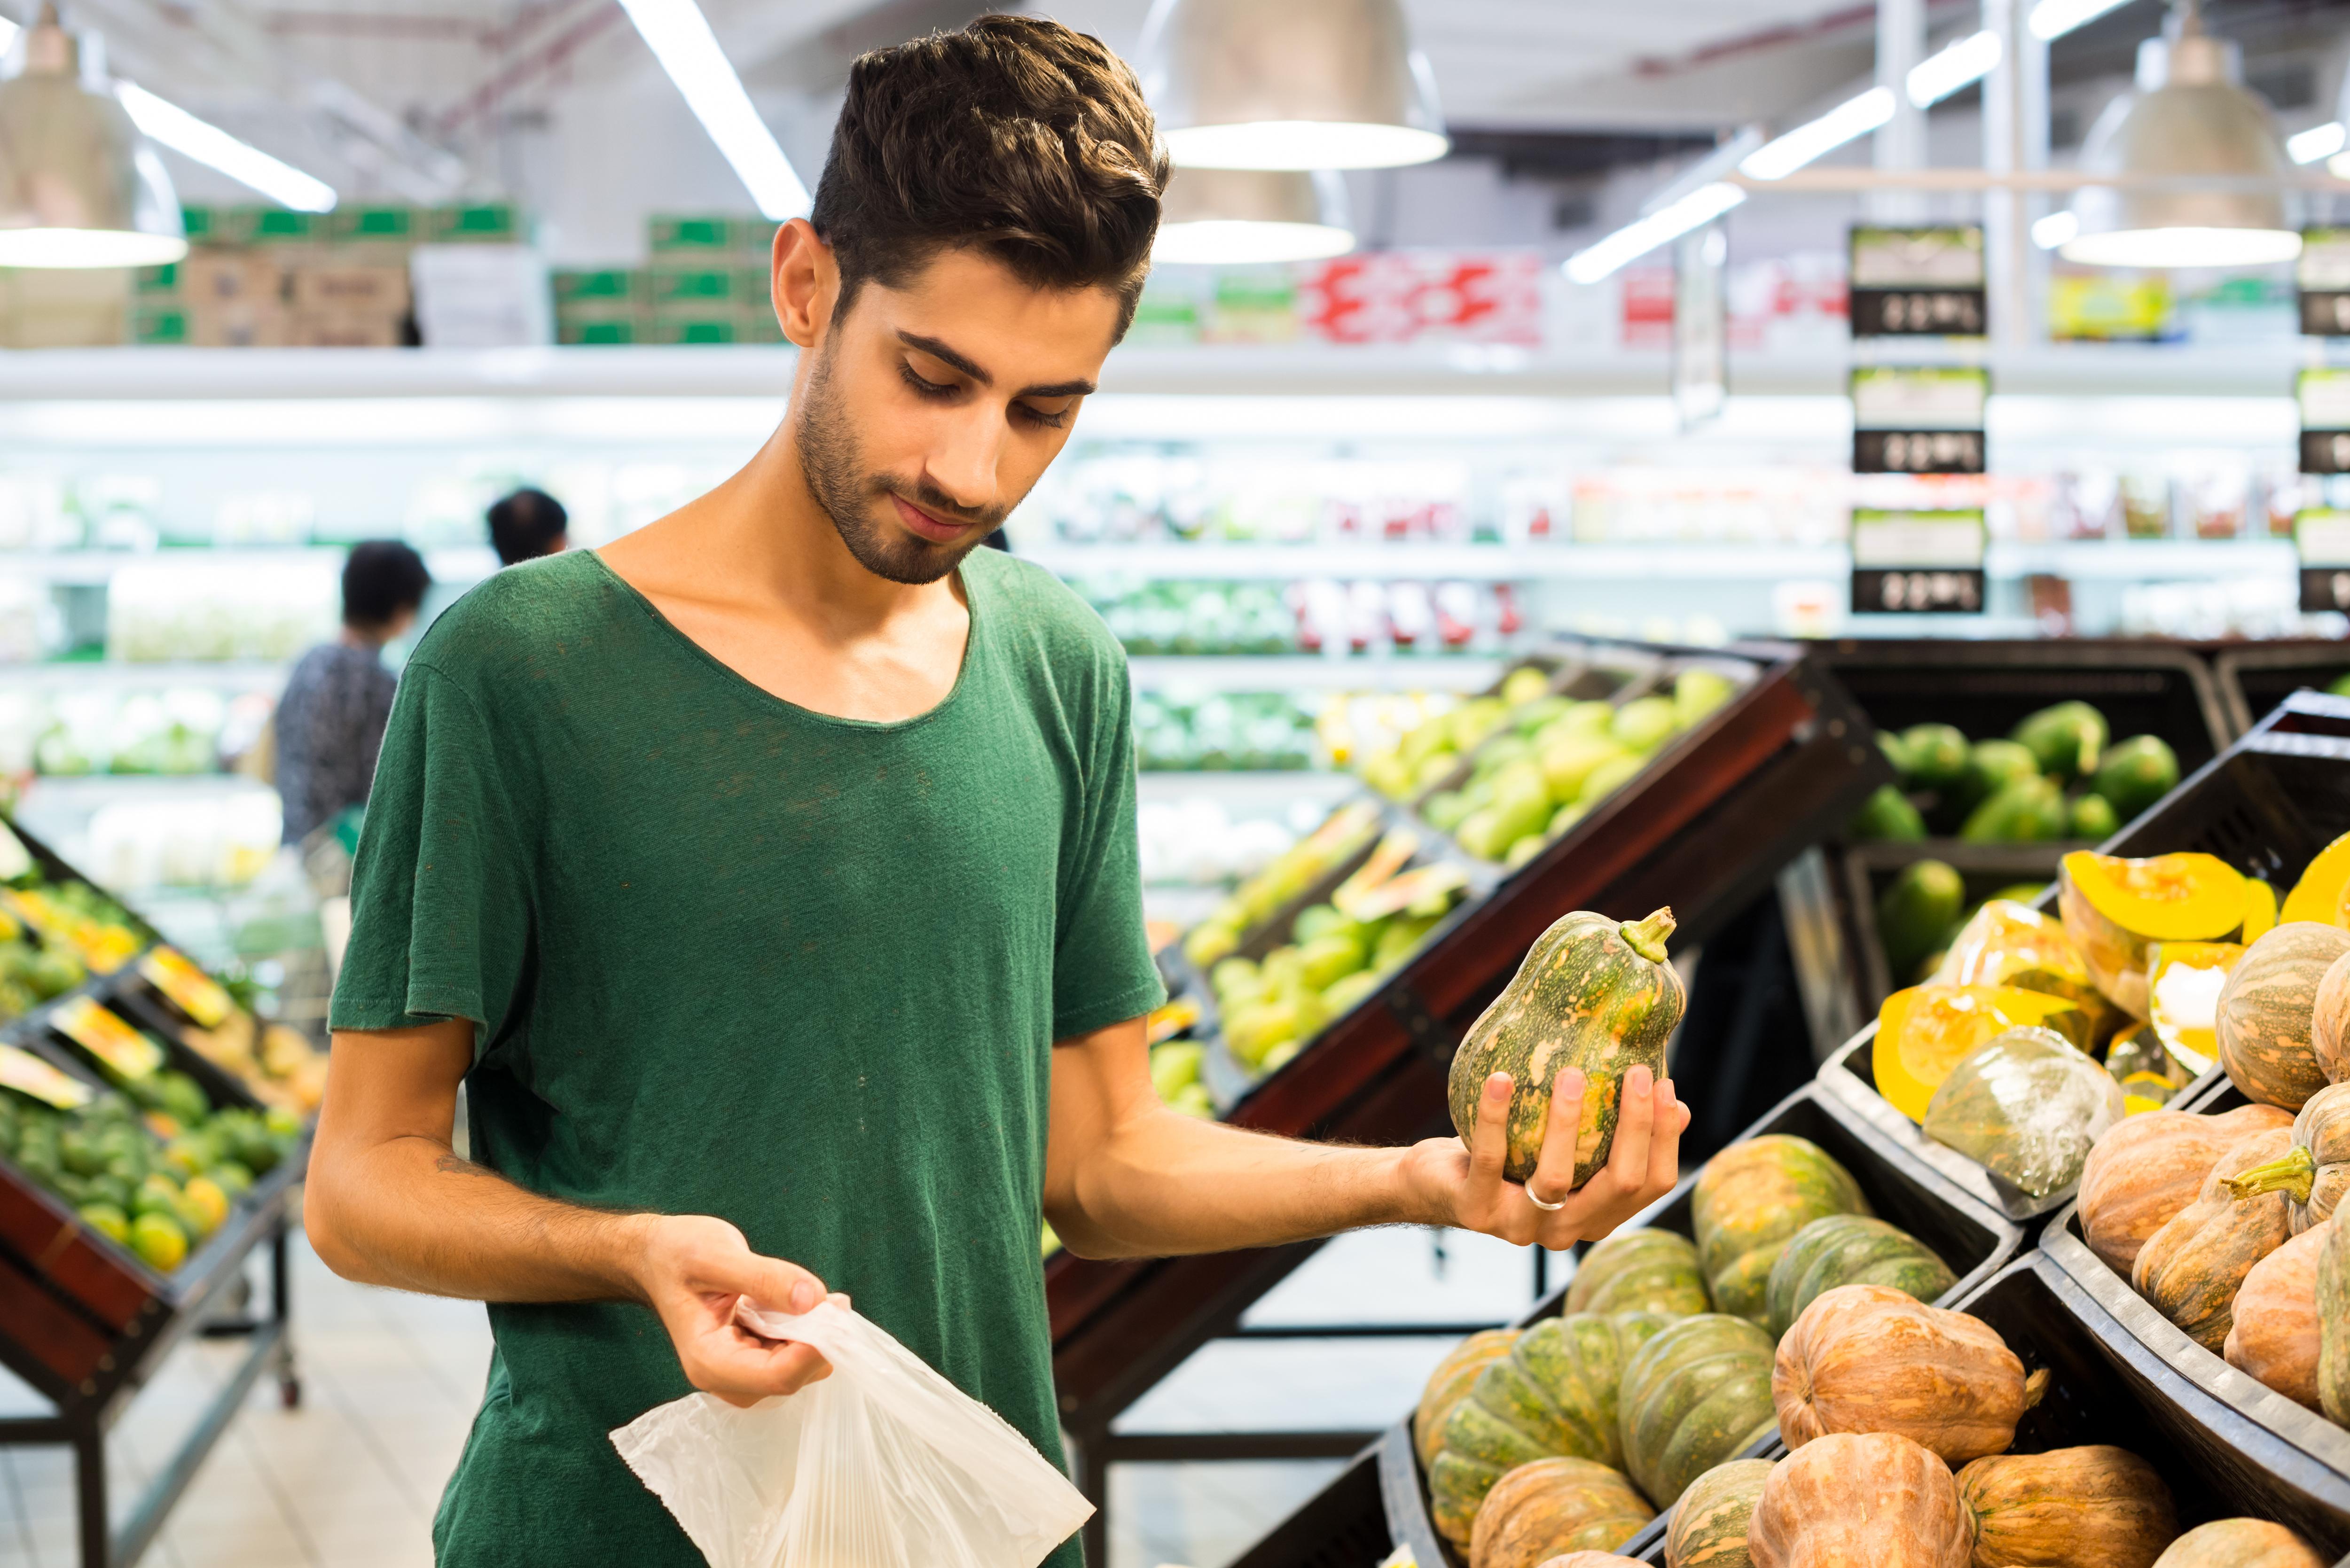 Det är främst yngre personer som utesluter kött. Den egna hälsan, miljön och djurhållningen tros vara skälen till att de väljer en vegetarisk kosthållning.